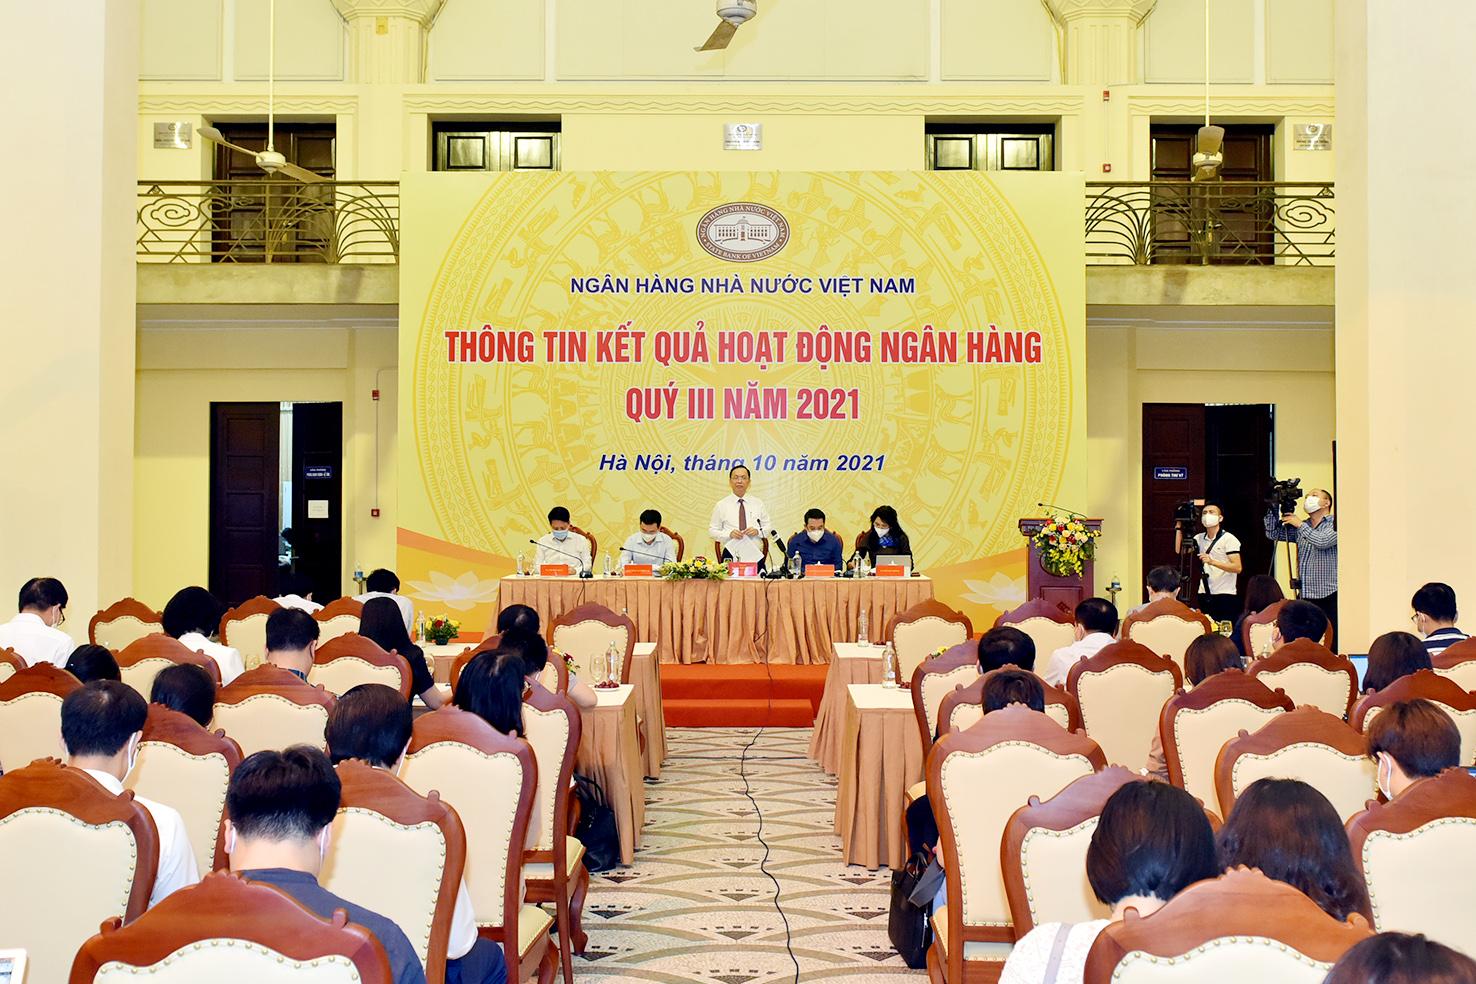 Áp lực điều hành, Thống đốc Nguyễn Thị Hồng đề nghị DN chia sẻ với ngành ngân hàng - Ảnh 3.